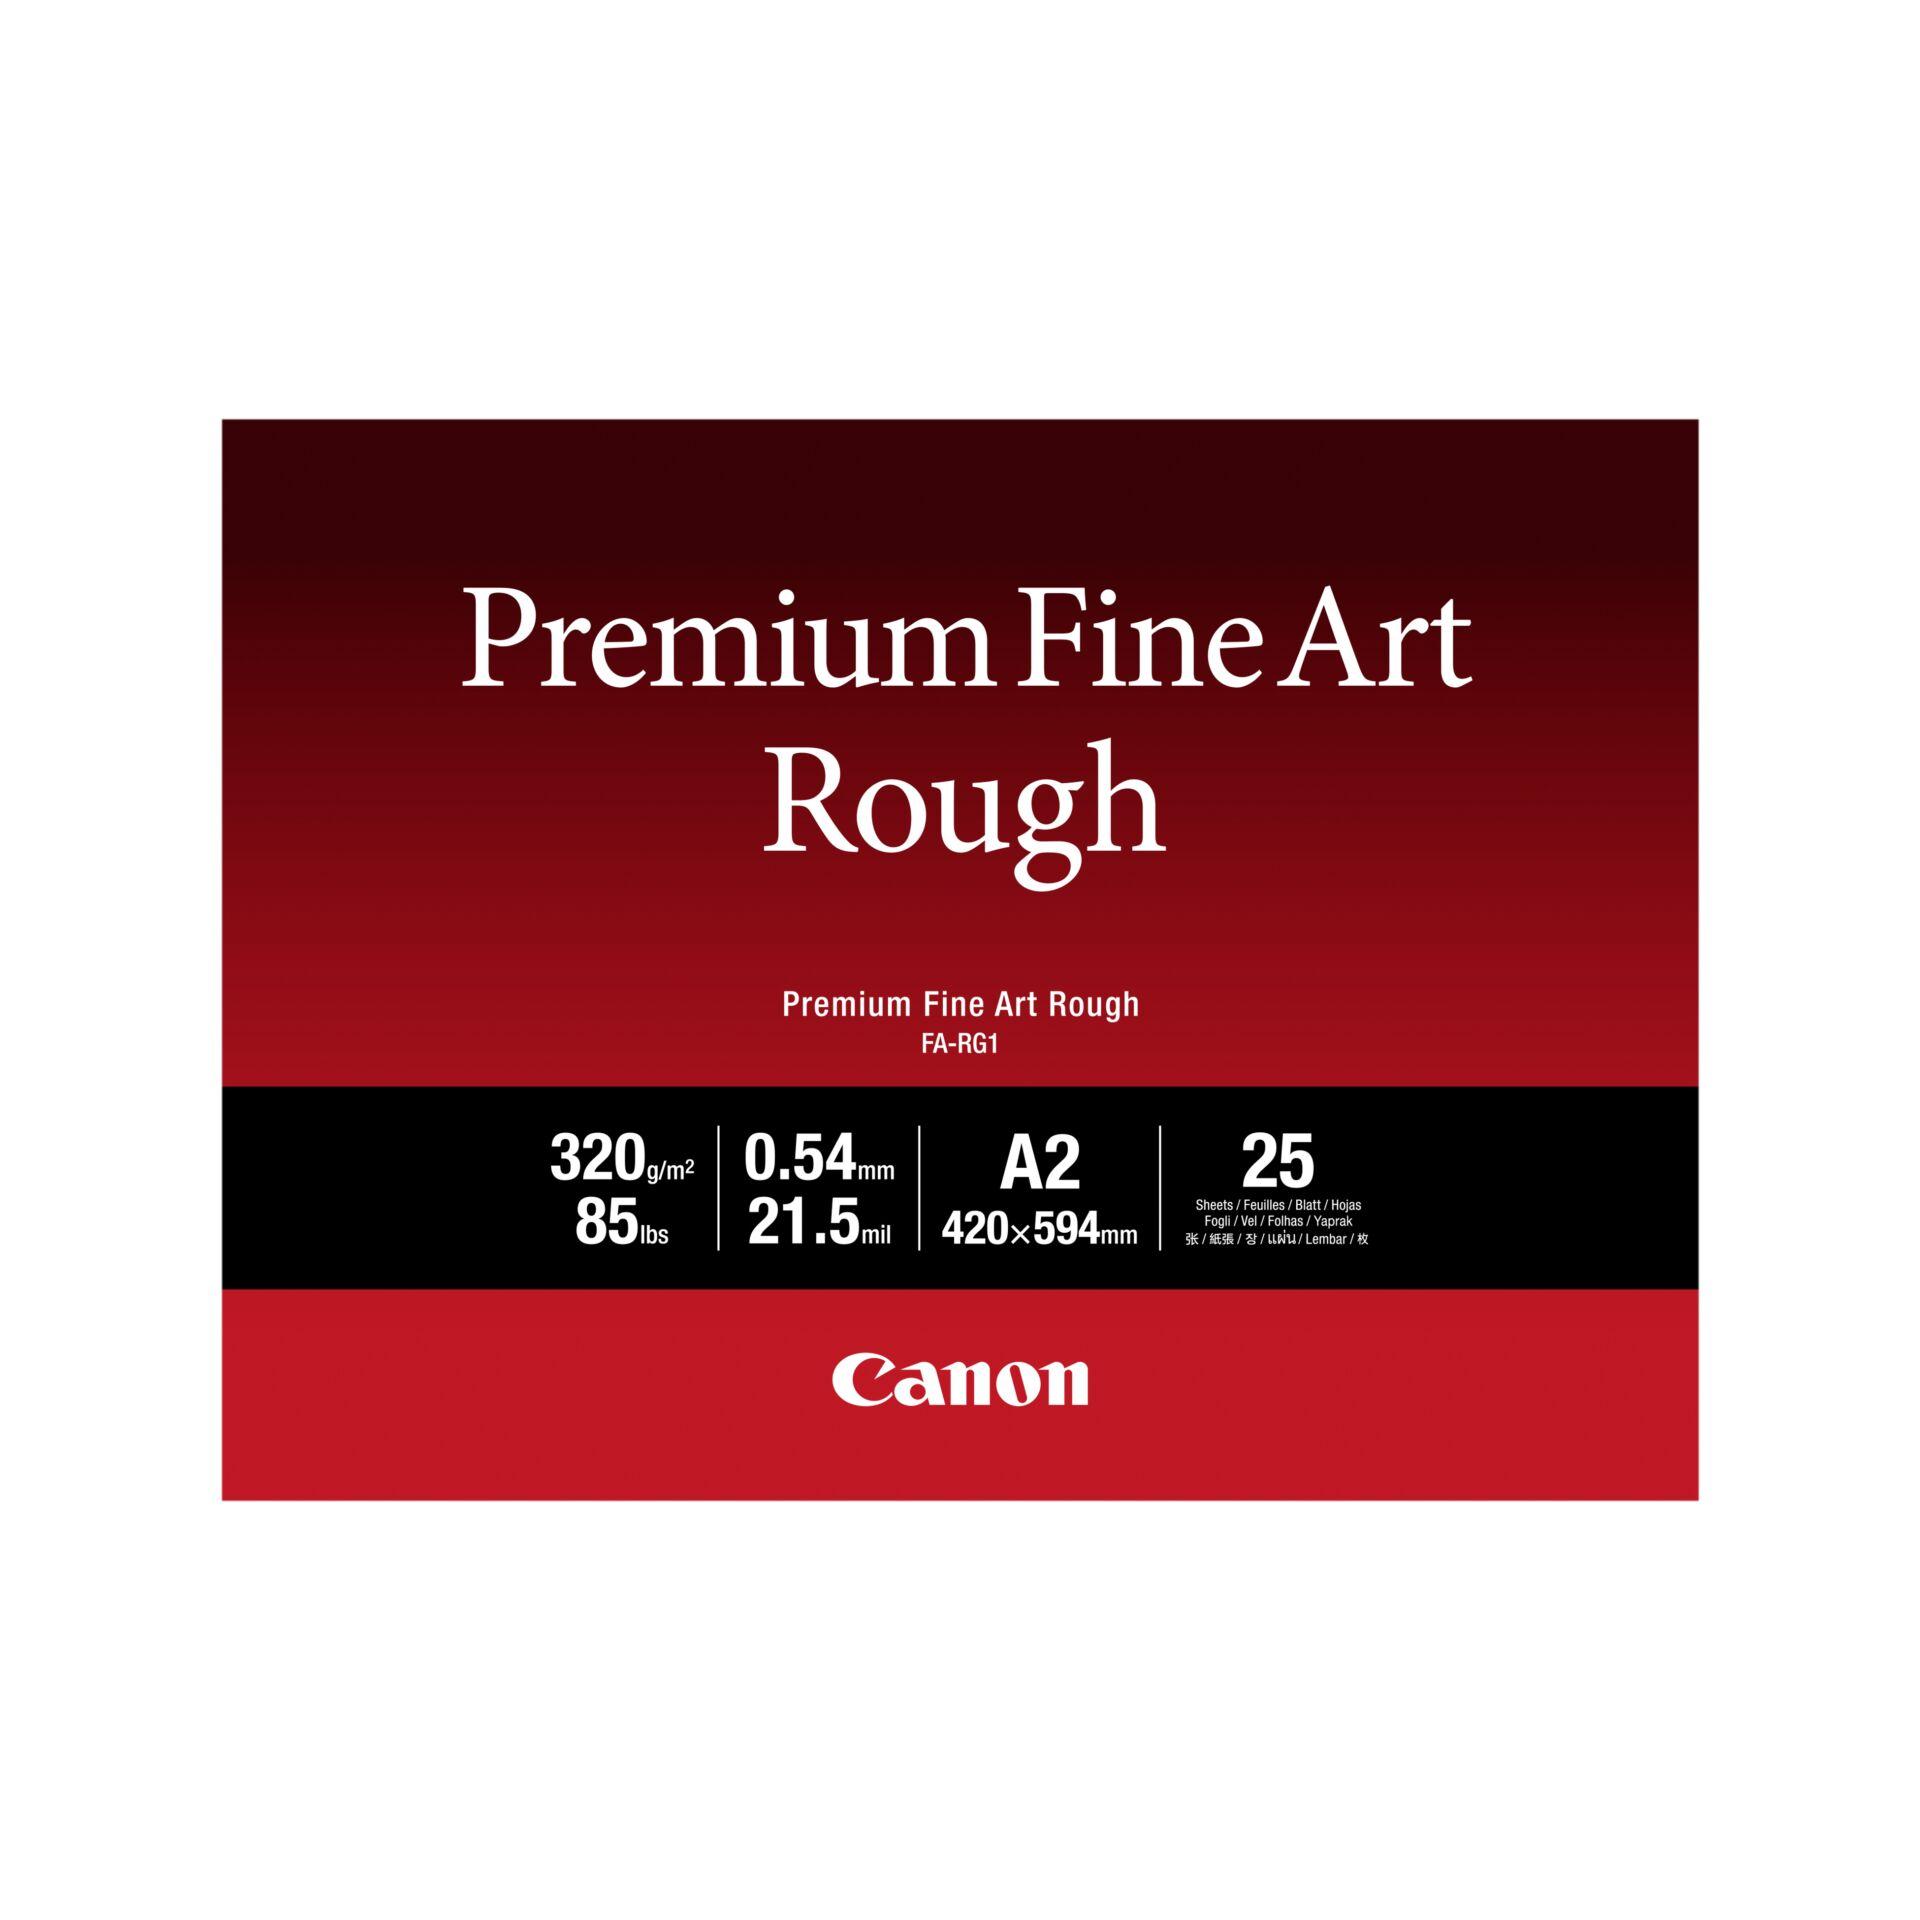 Canon FA-RG 1 Premium Fine Art Rough A 2, 25 Sheet, 320 g